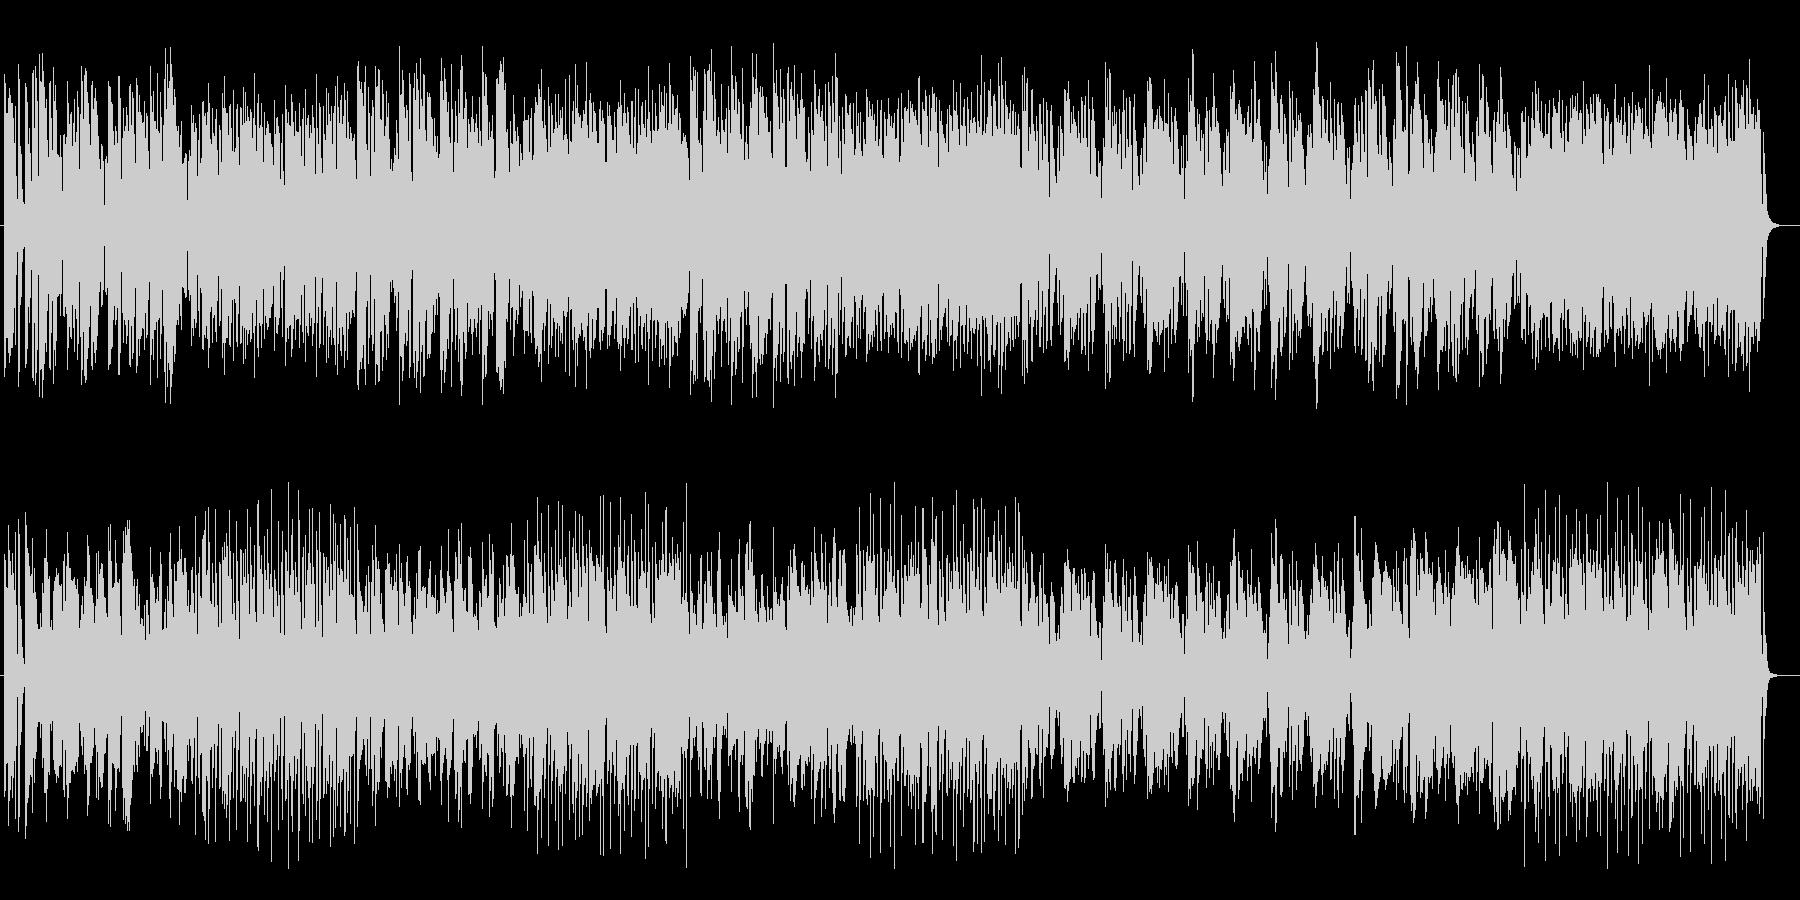 軽快でポップなファンタジック曲の未再生の波形